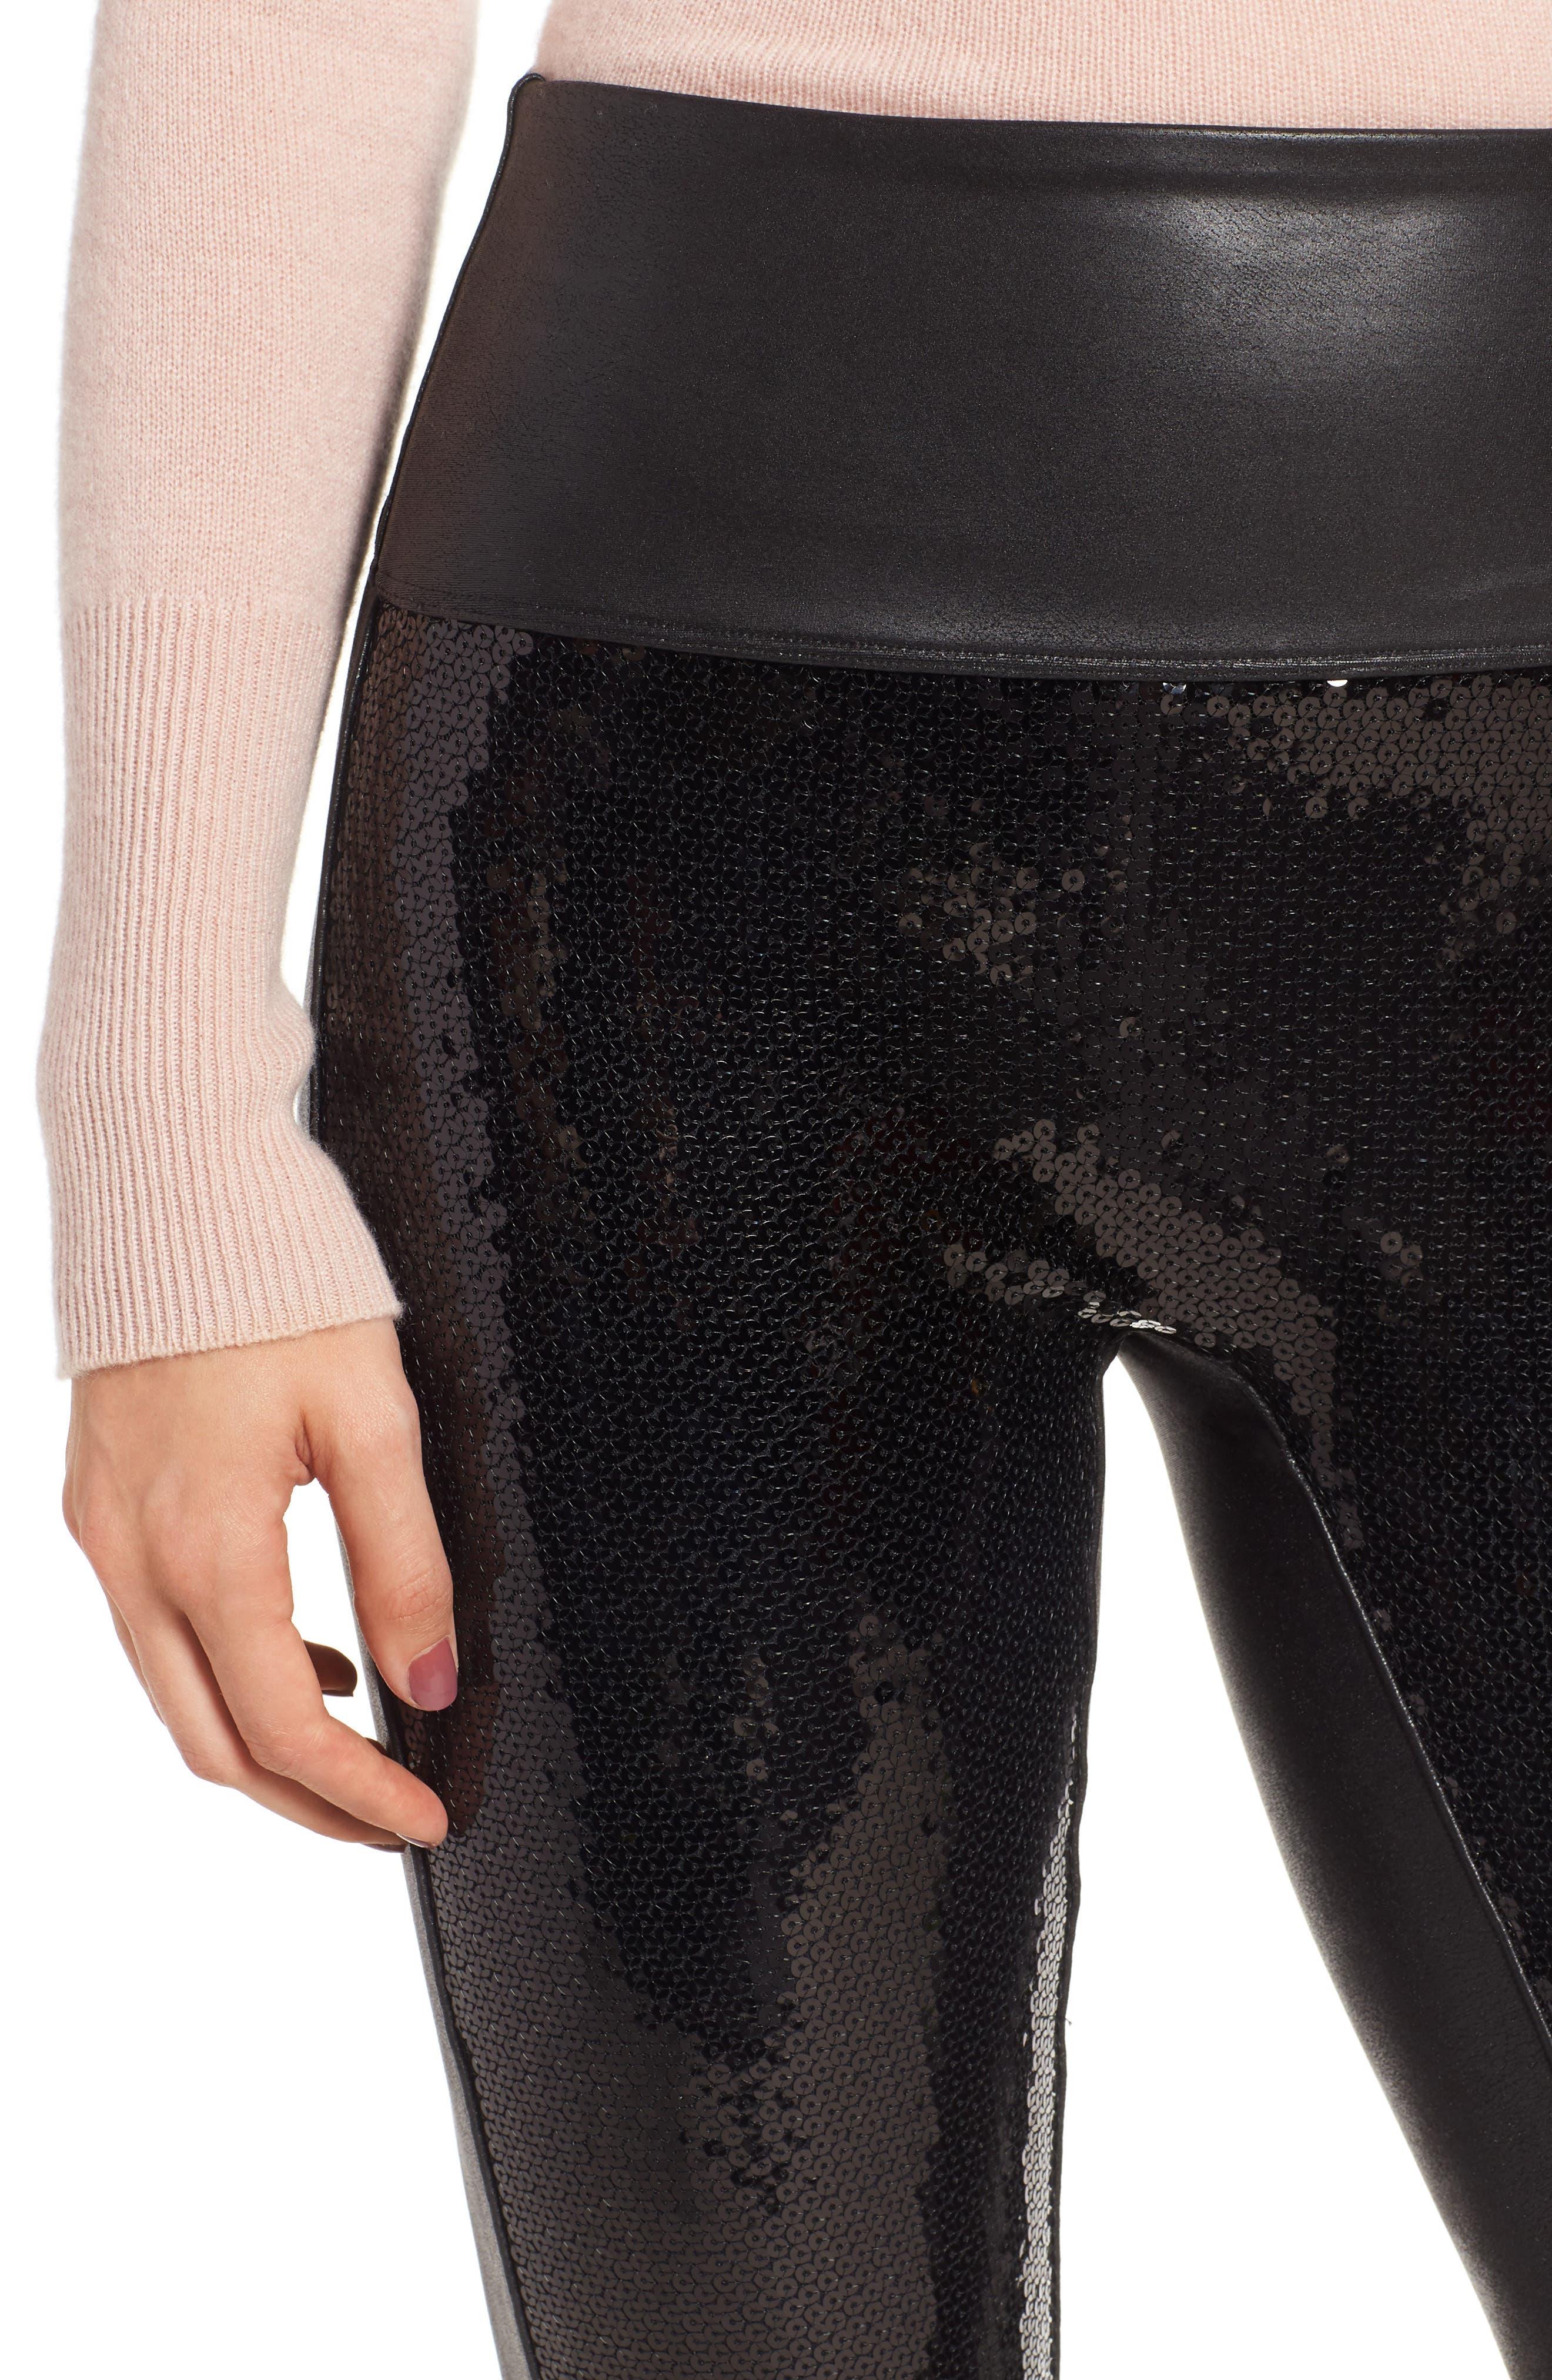 Sequin Faux Leather Leggings,                             Alternate thumbnail 4, color,                             BLACK SEQUIN